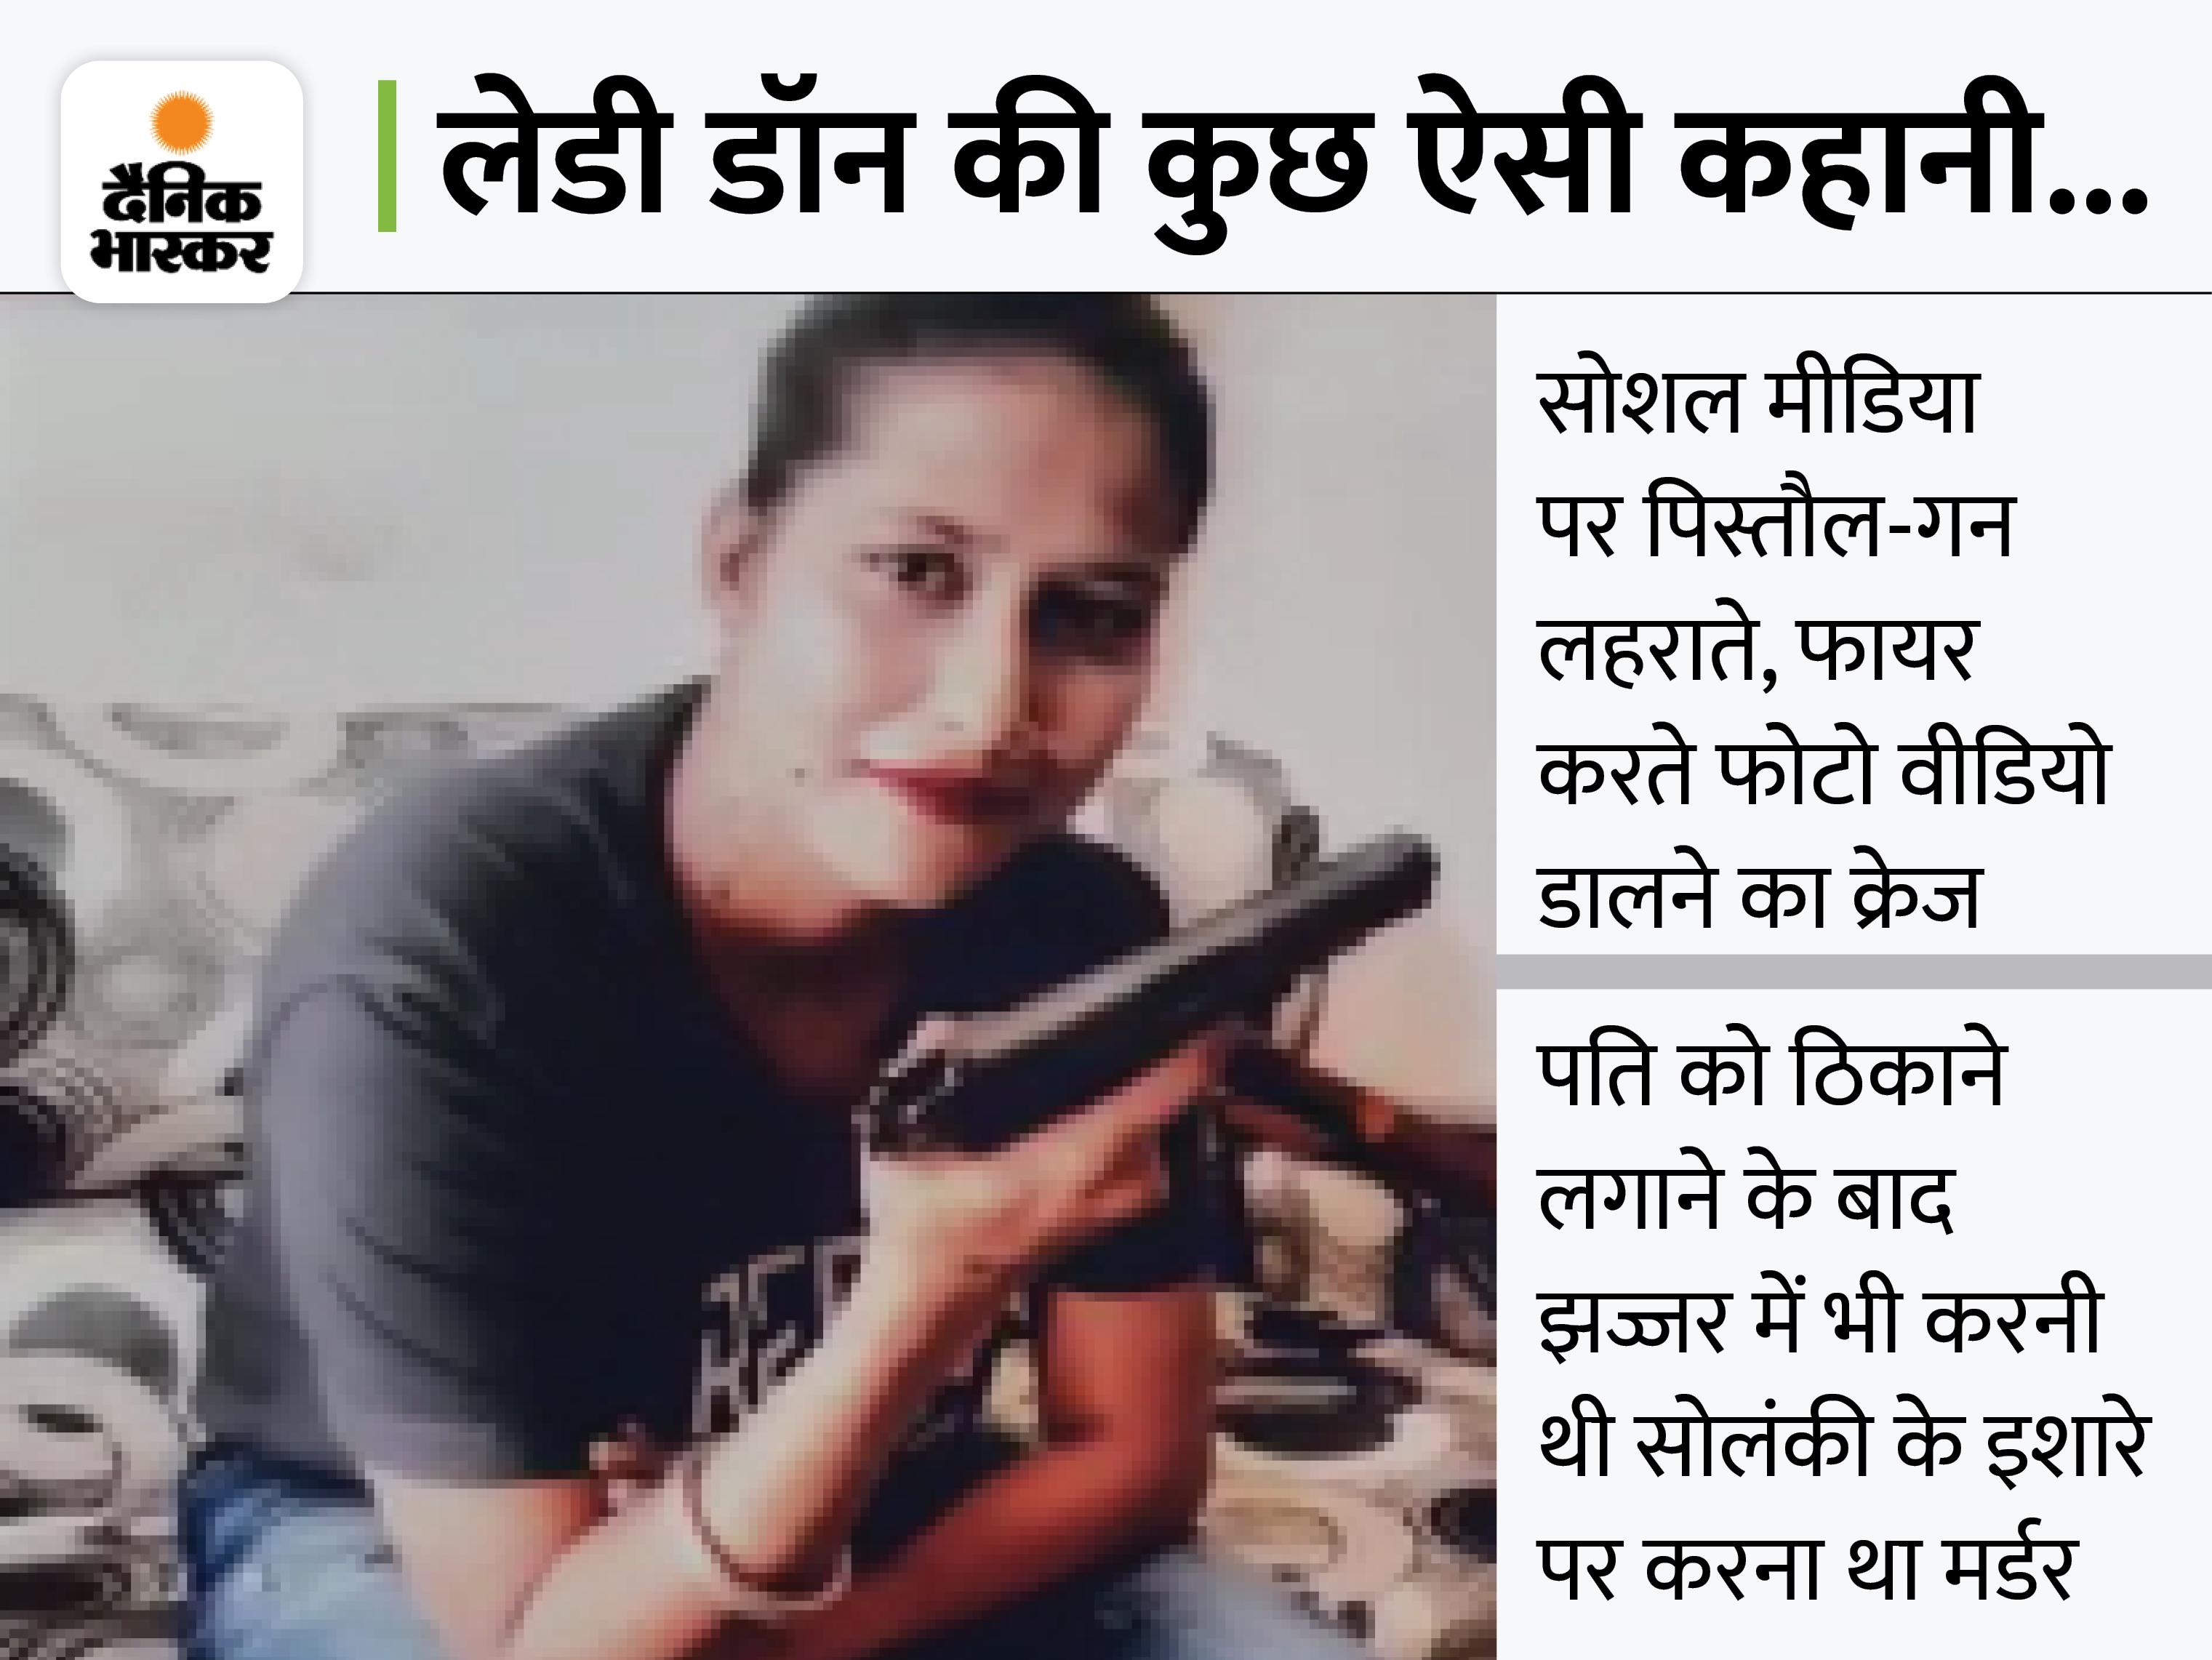 मुरादाबाद से गिरफ्तार और साथी झज्जर से; जालंधर निवासी पति को मारने का था प्लान,पंजाब-हरियाणा-दिल्ली के गैंगस्टरों को सप्लाई करती थी असलहा|रेवाड़ी,Rewari - Dainik Bhaskar